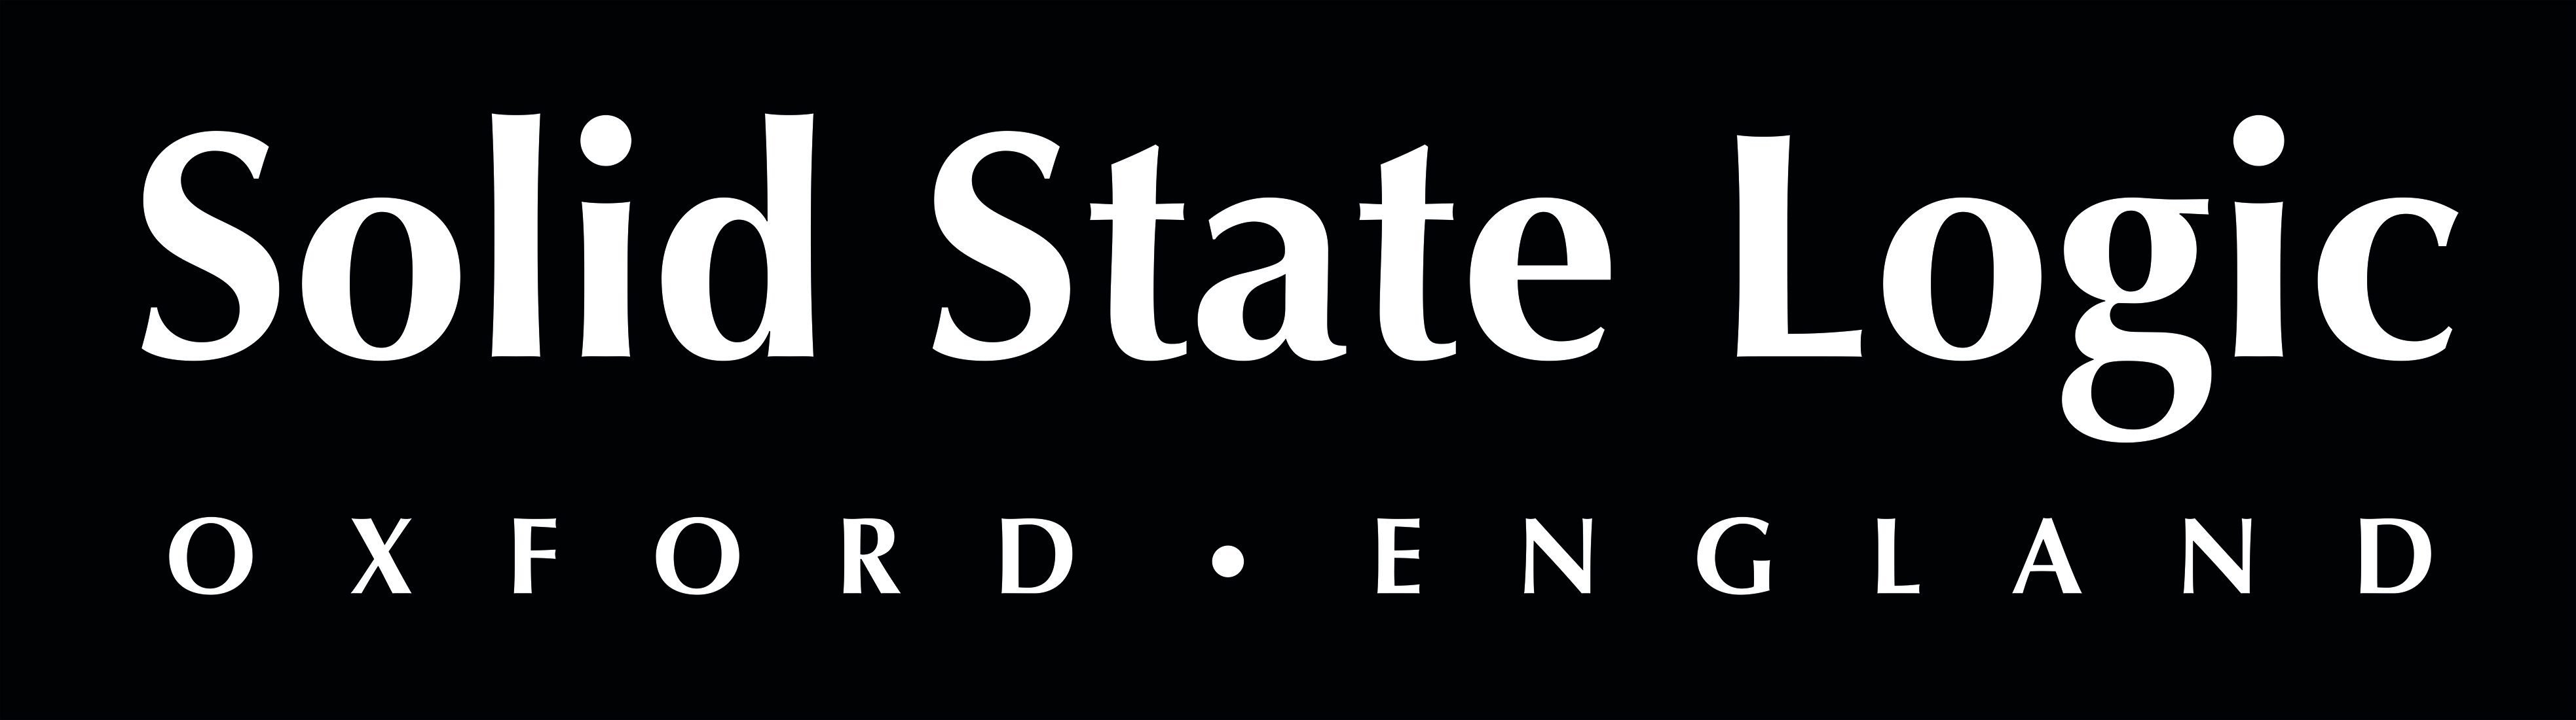 Solid State Logic \ سوليد ستايت لوجيك